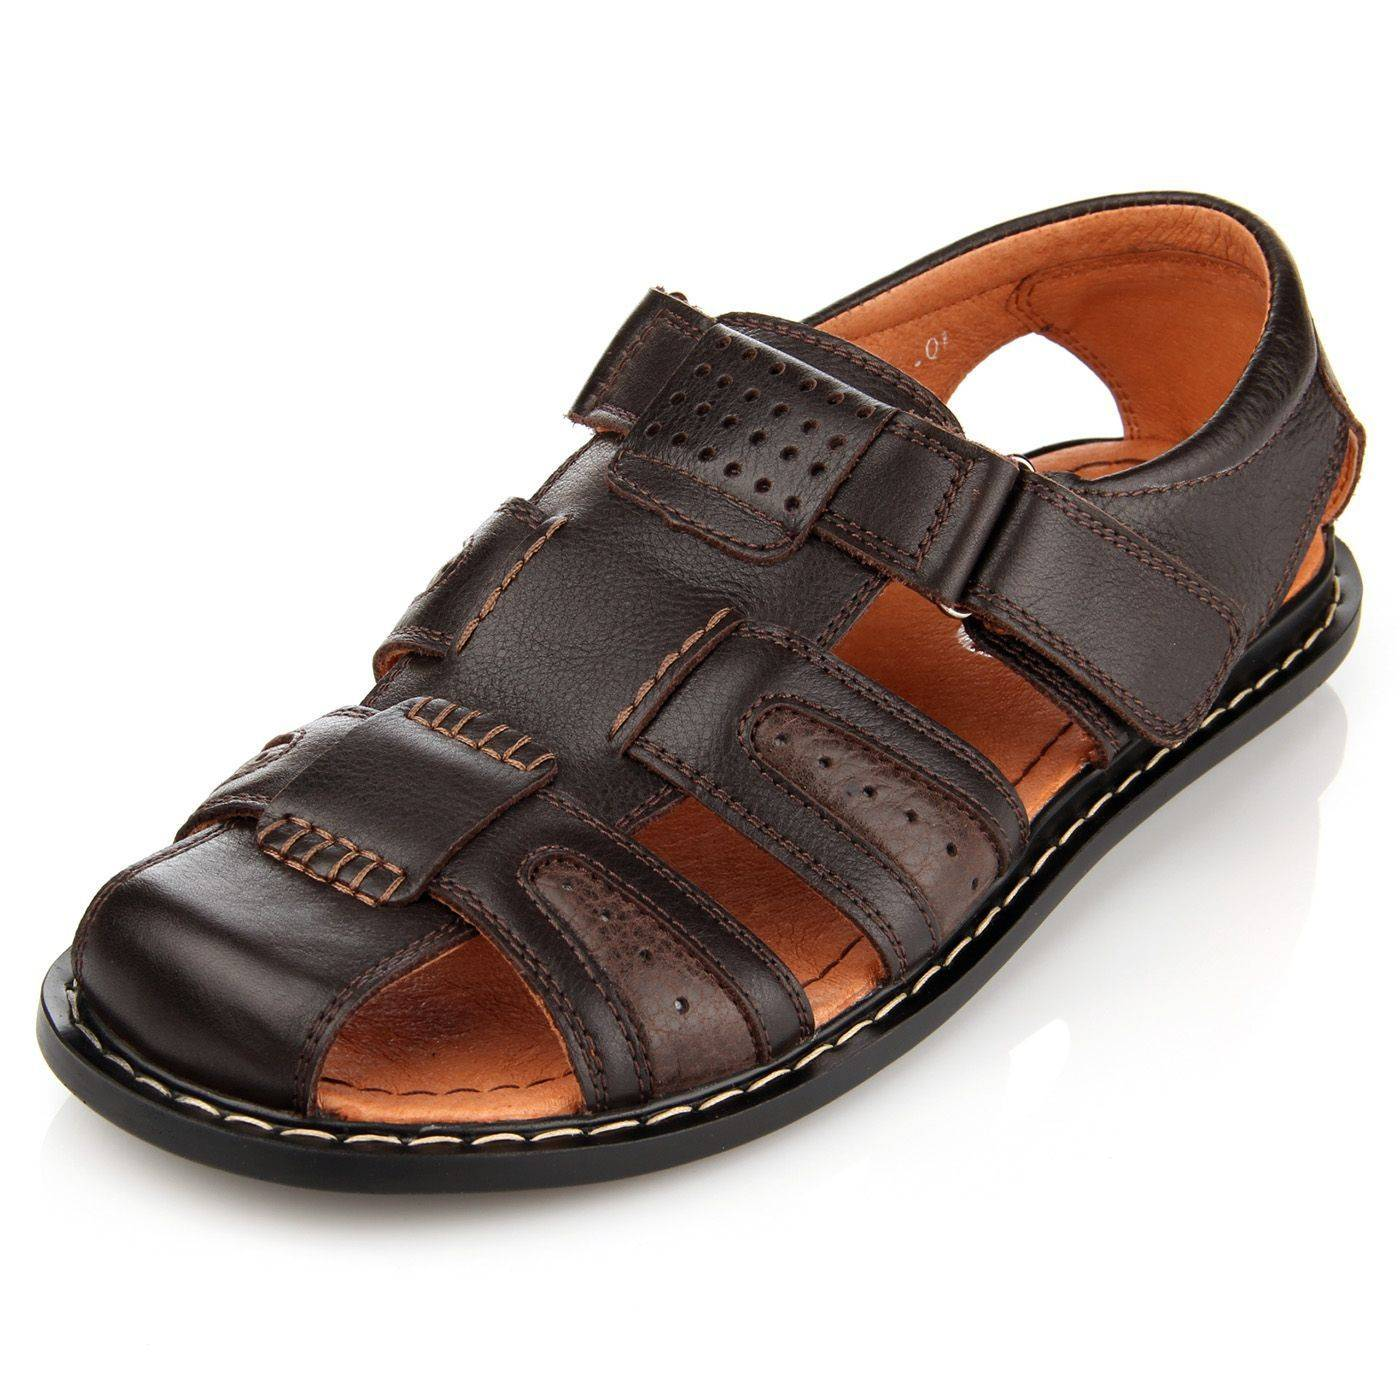 Мужские сандалии, купить мужские сандалии с доставкой